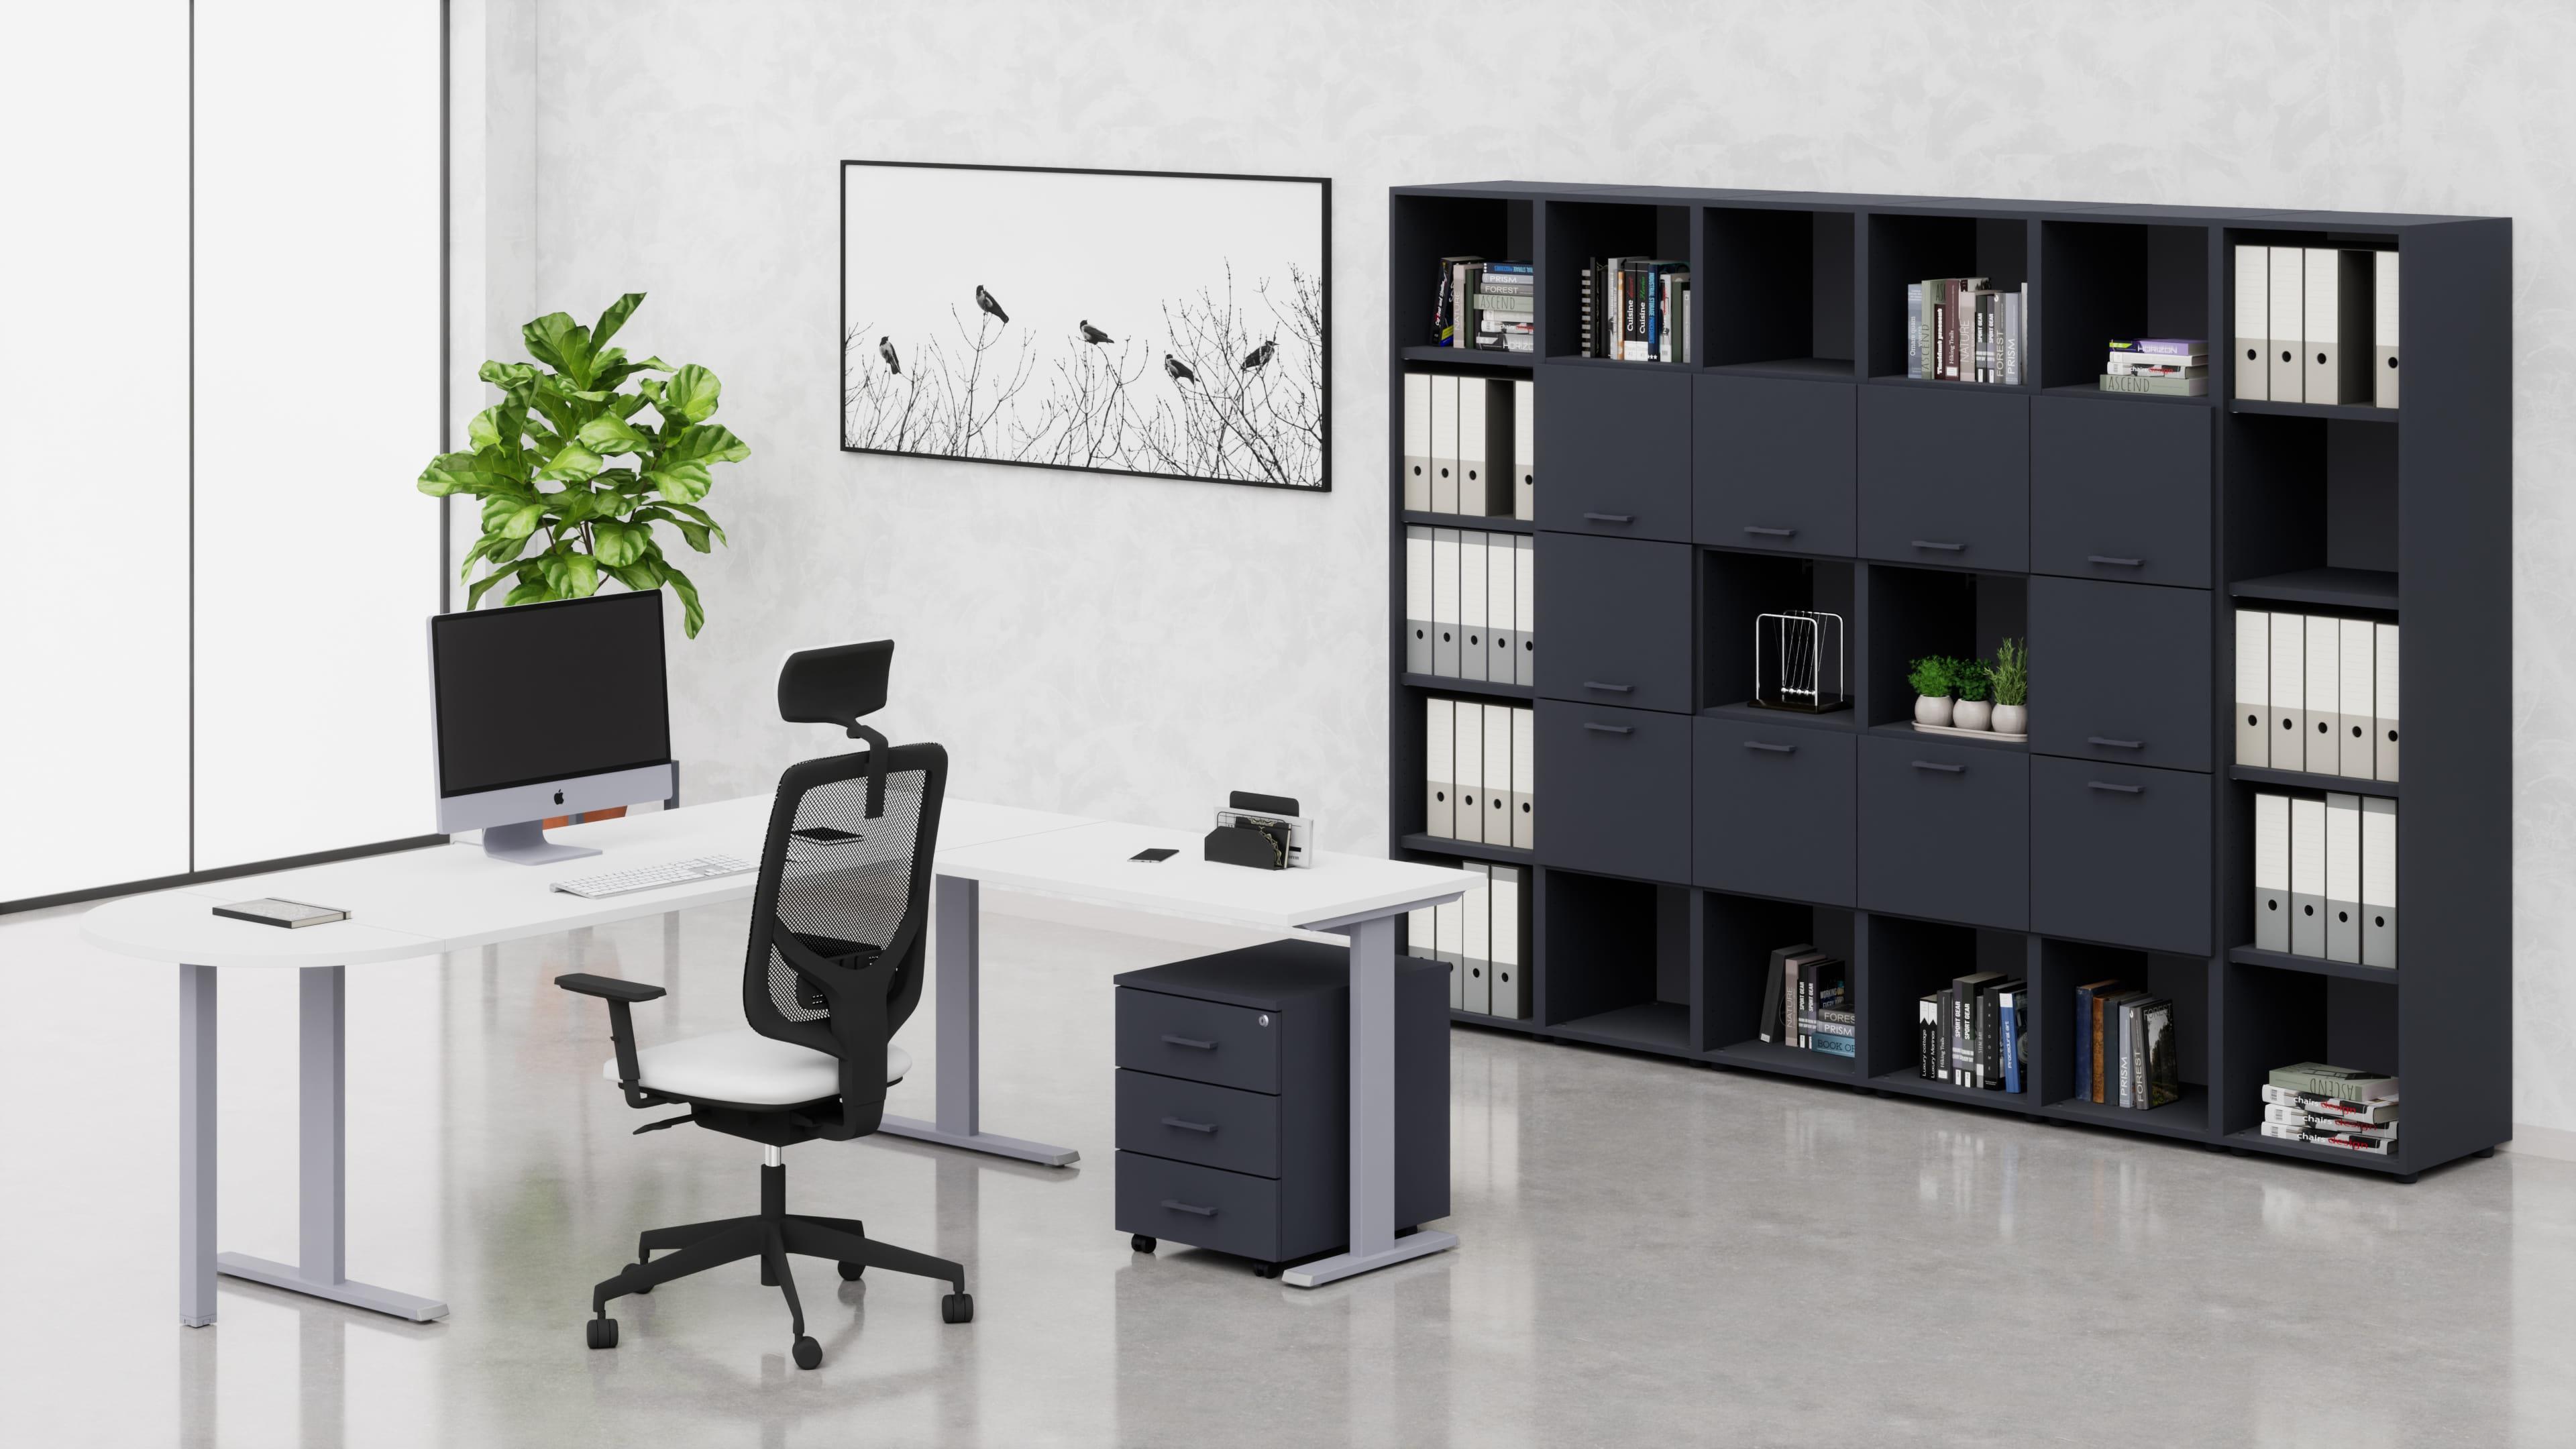 Uffici operativi NET metallica scrivania, allungo, cassettiera e contenitori universali alti